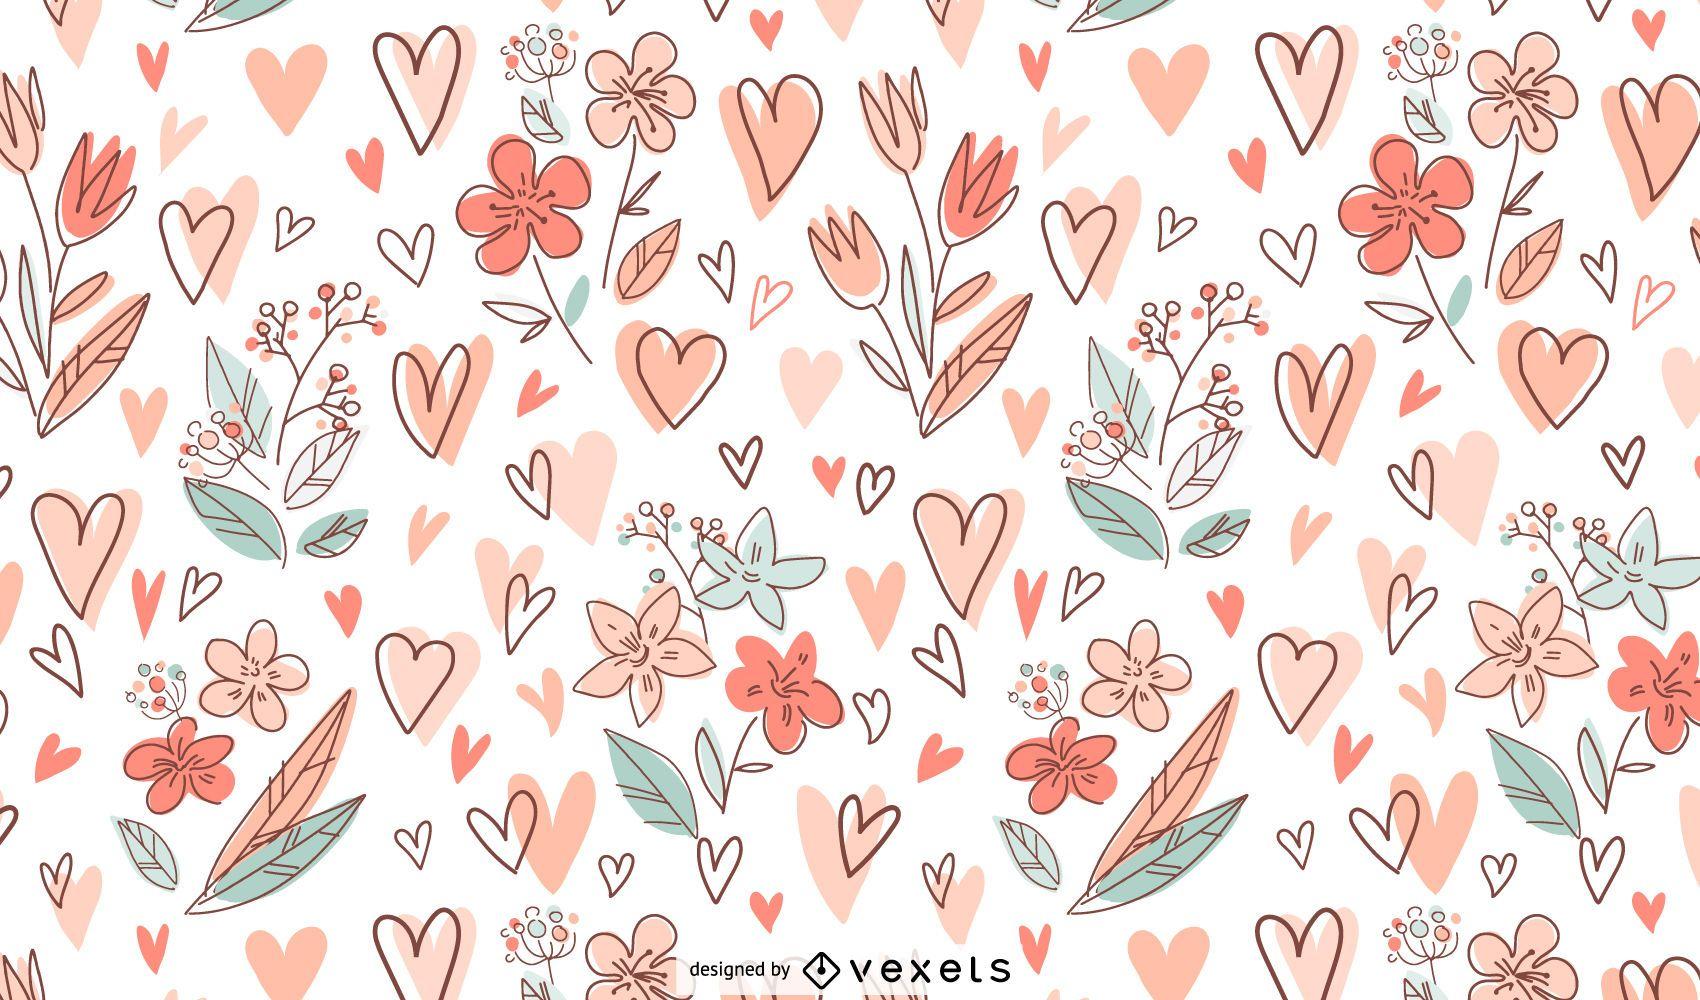 Desenho de padrões de flores e corações